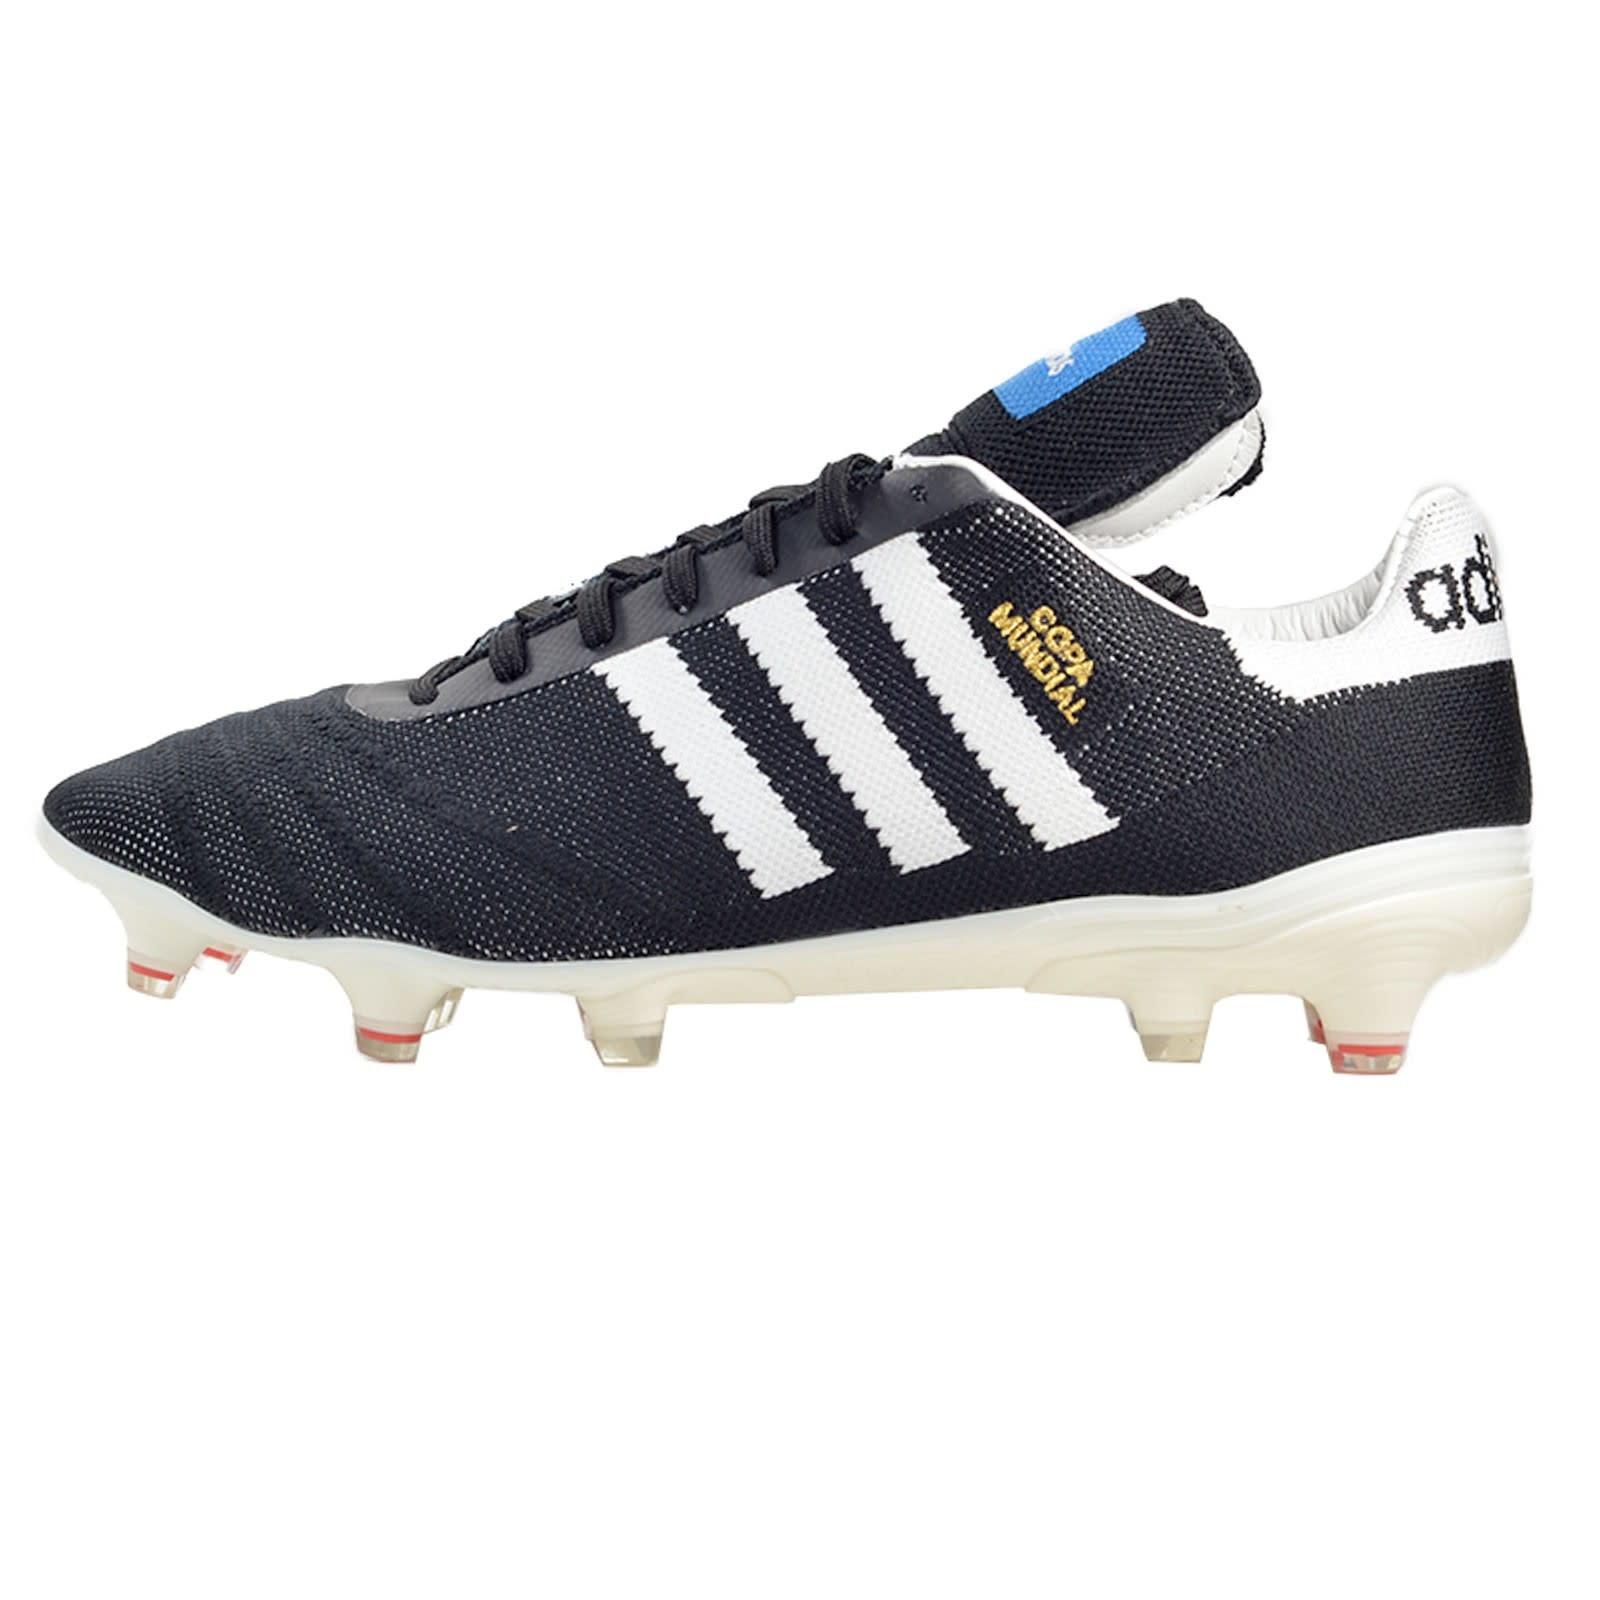 photos officielles dcc3e fdc03 Adidas Adidas Copa 70Y FG